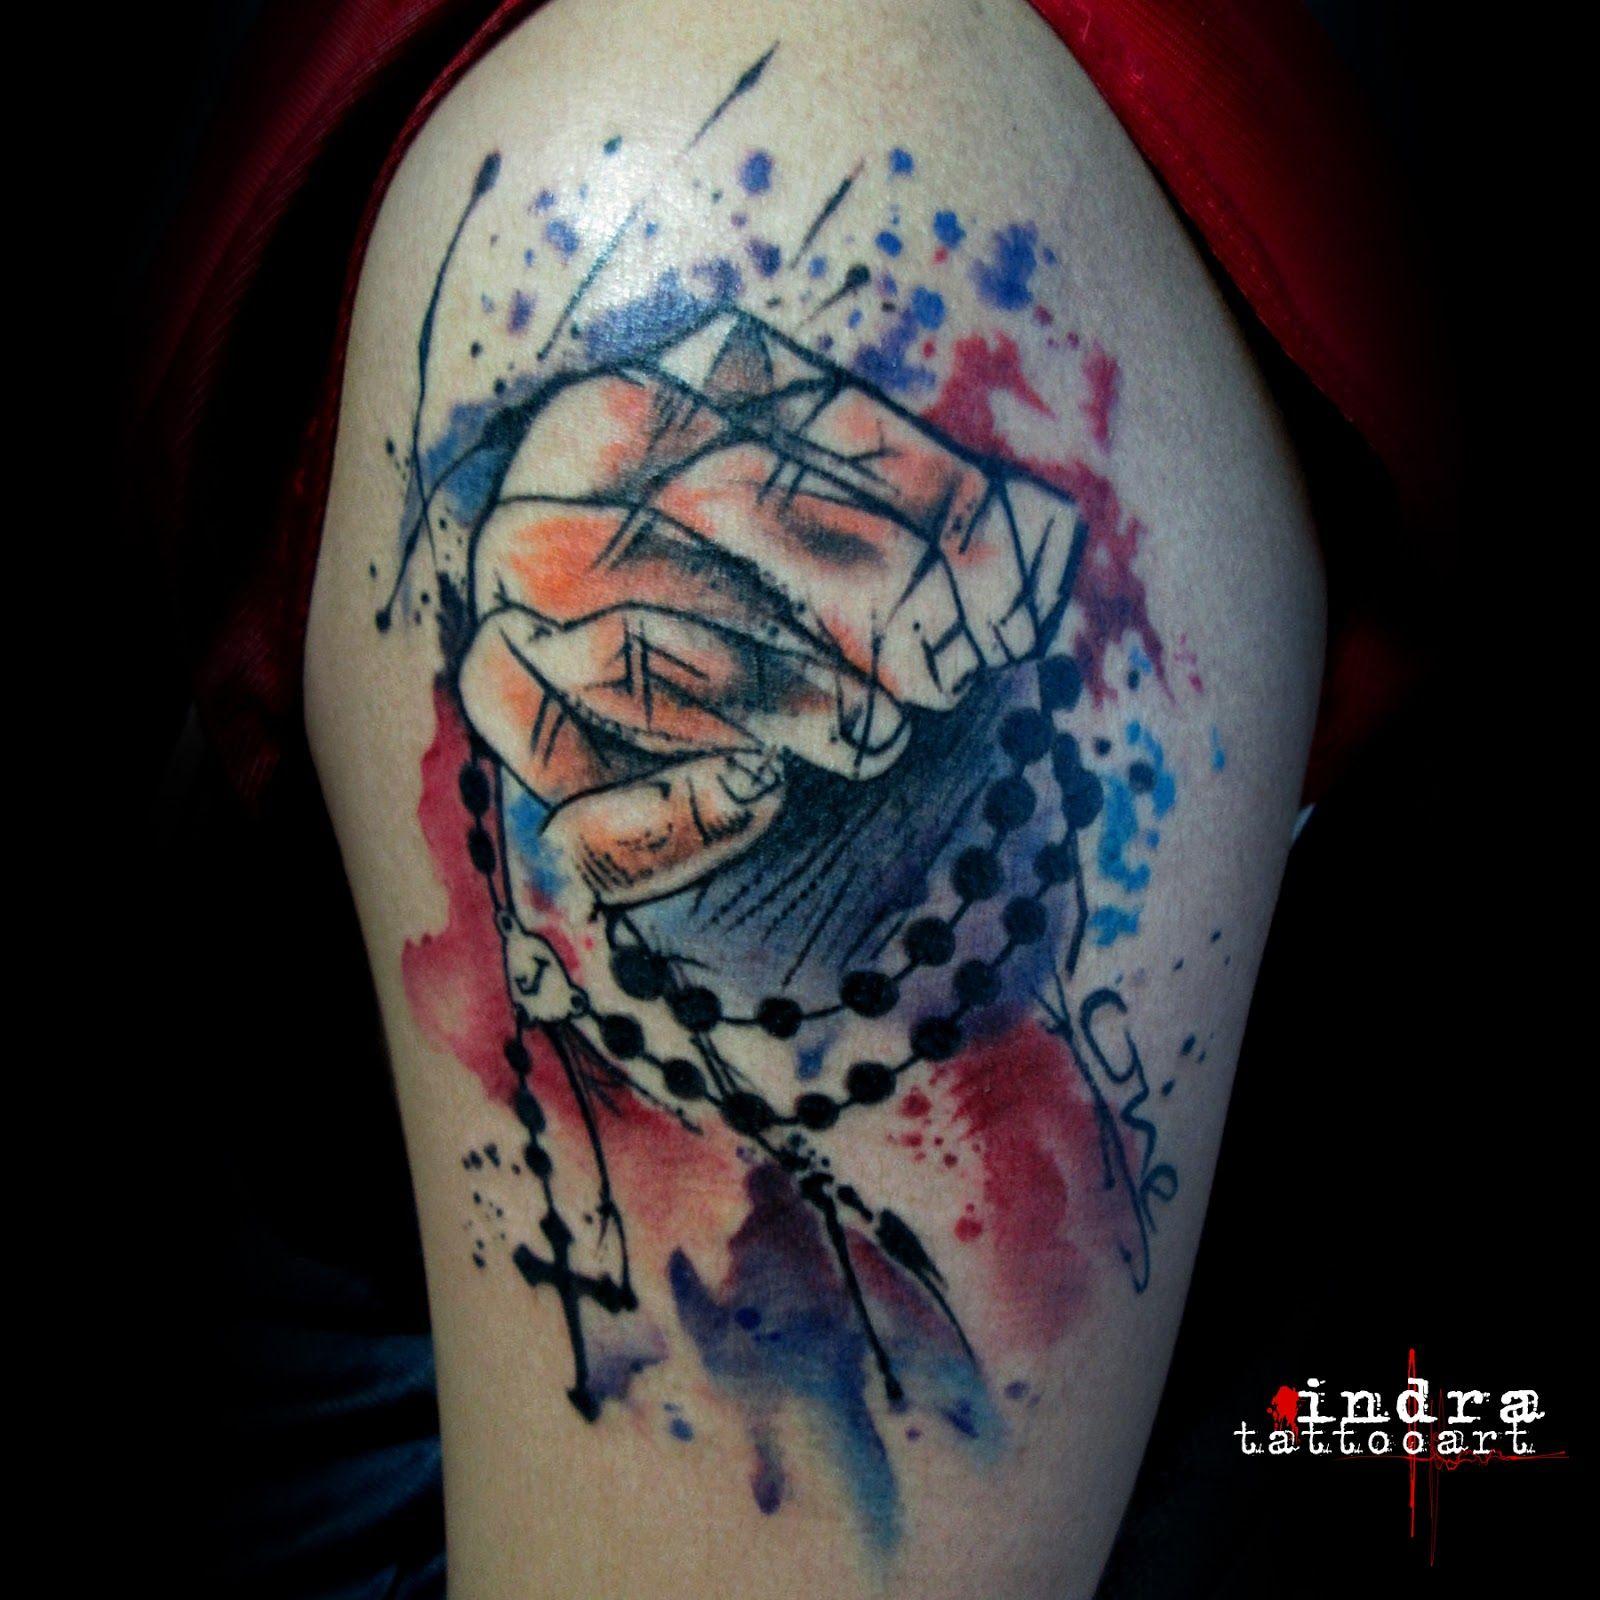 Indonesia watercolor tattoo tattoo jakarta tattoo depok